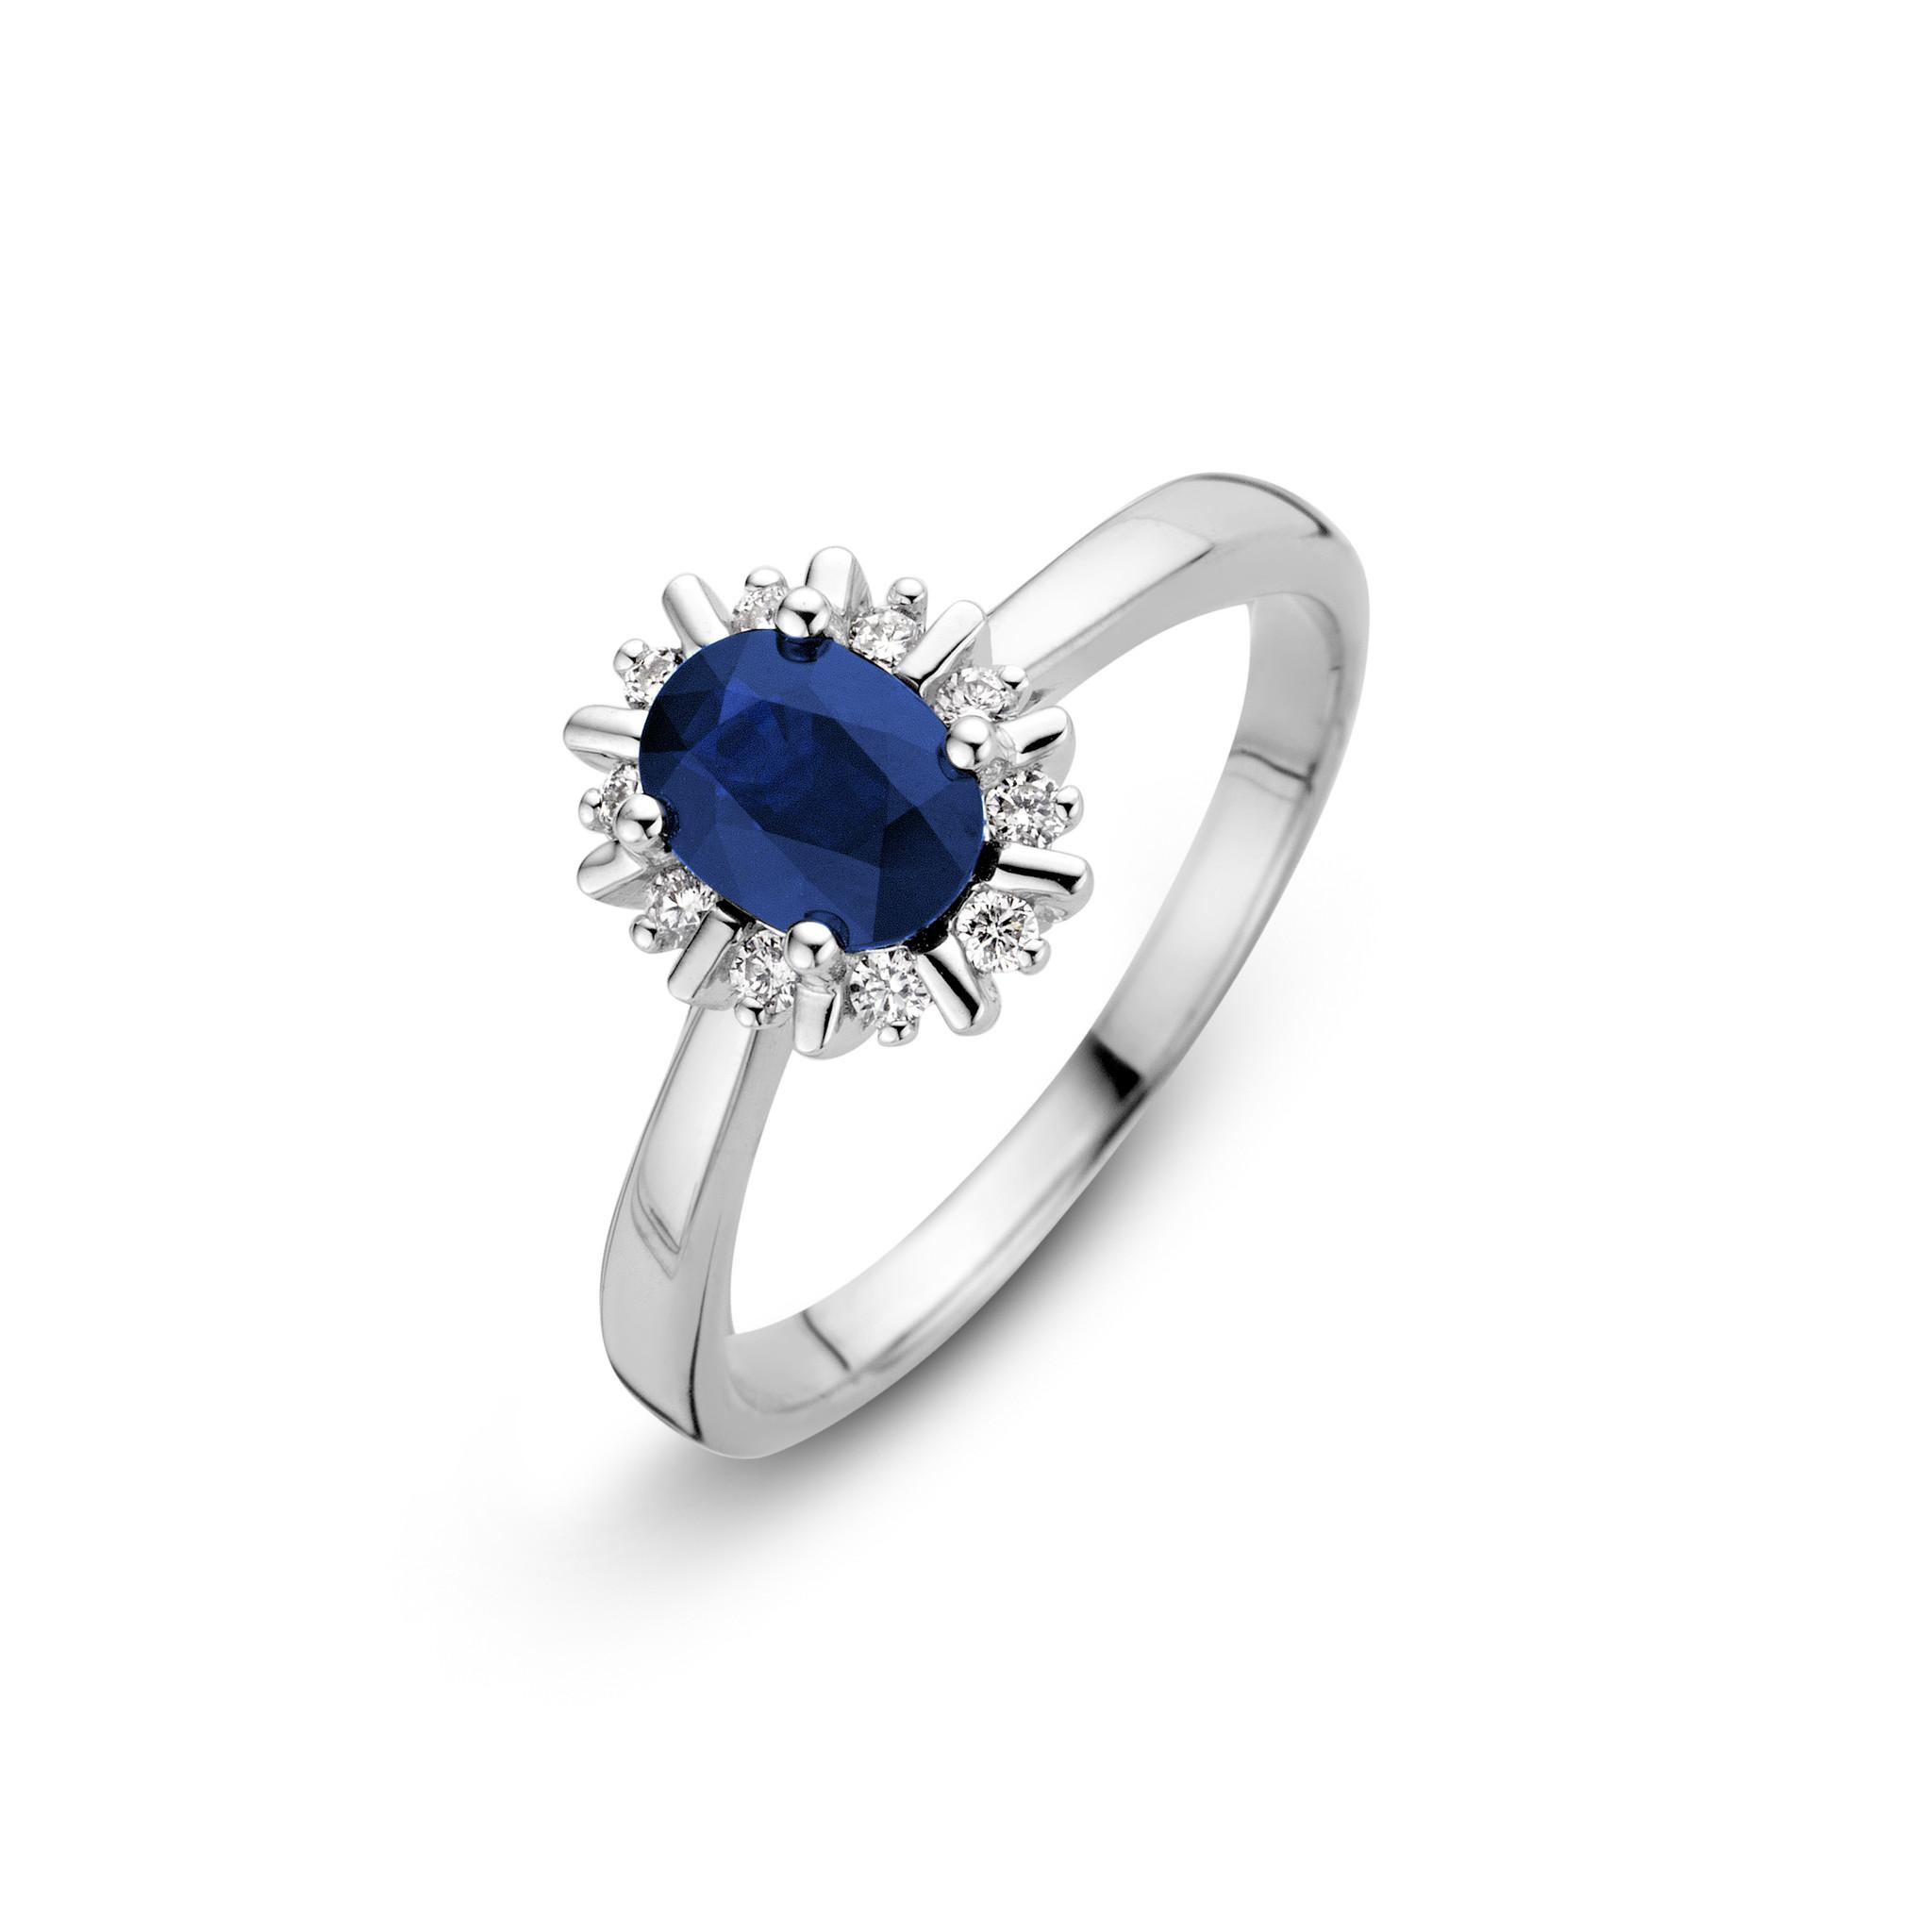 H.O.T. Een 14 krt. witgouden entourage ring met een ovale blauwe saffier en 0,15 ct. briljanten Wesselton/SI,